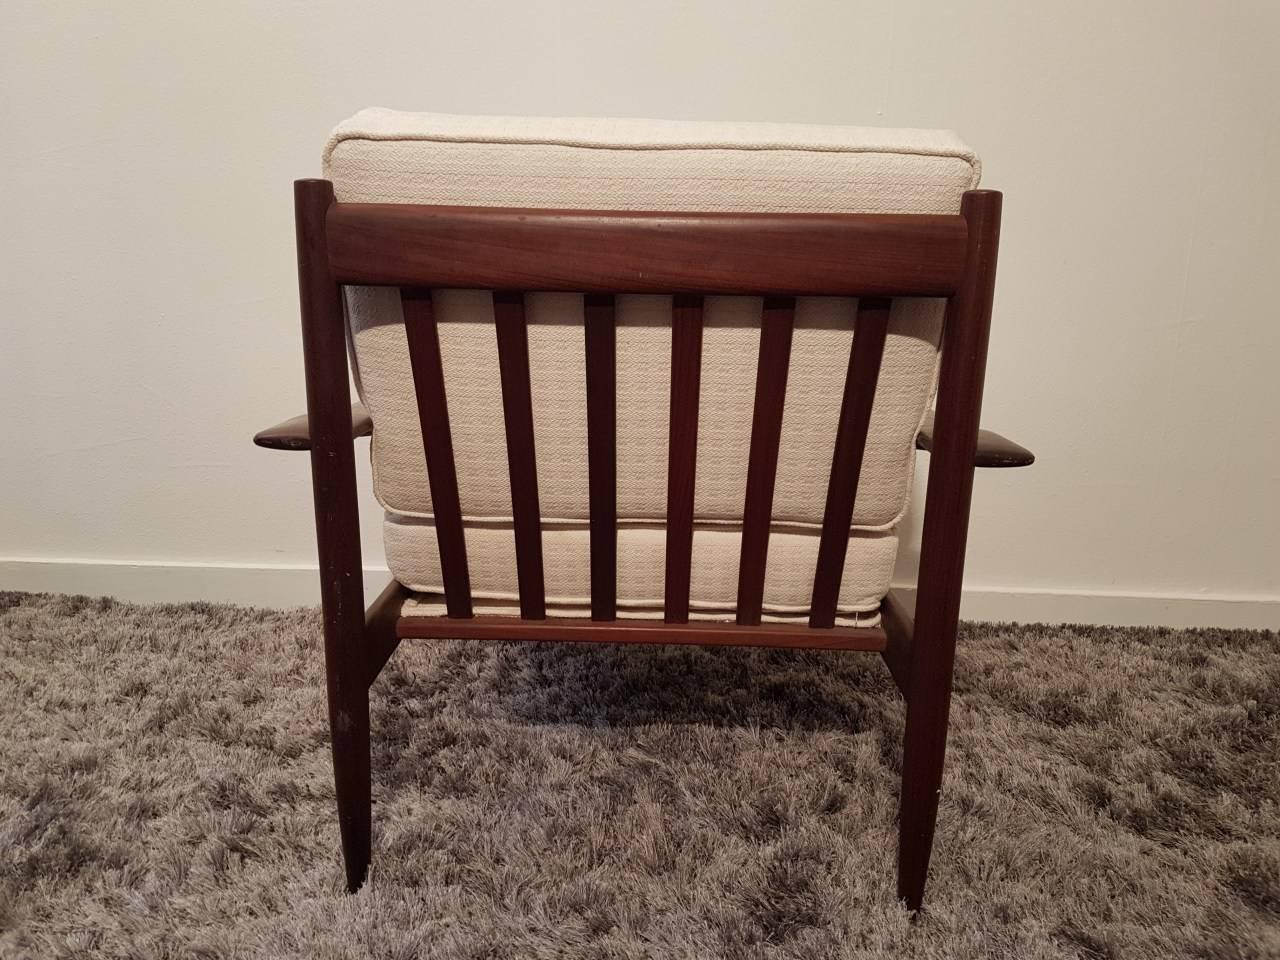 2 fauteuils repose pieds design benoit de moffarts vide grenier belgique vide maison. Black Bedroom Furniture Sets. Home Design Ideas